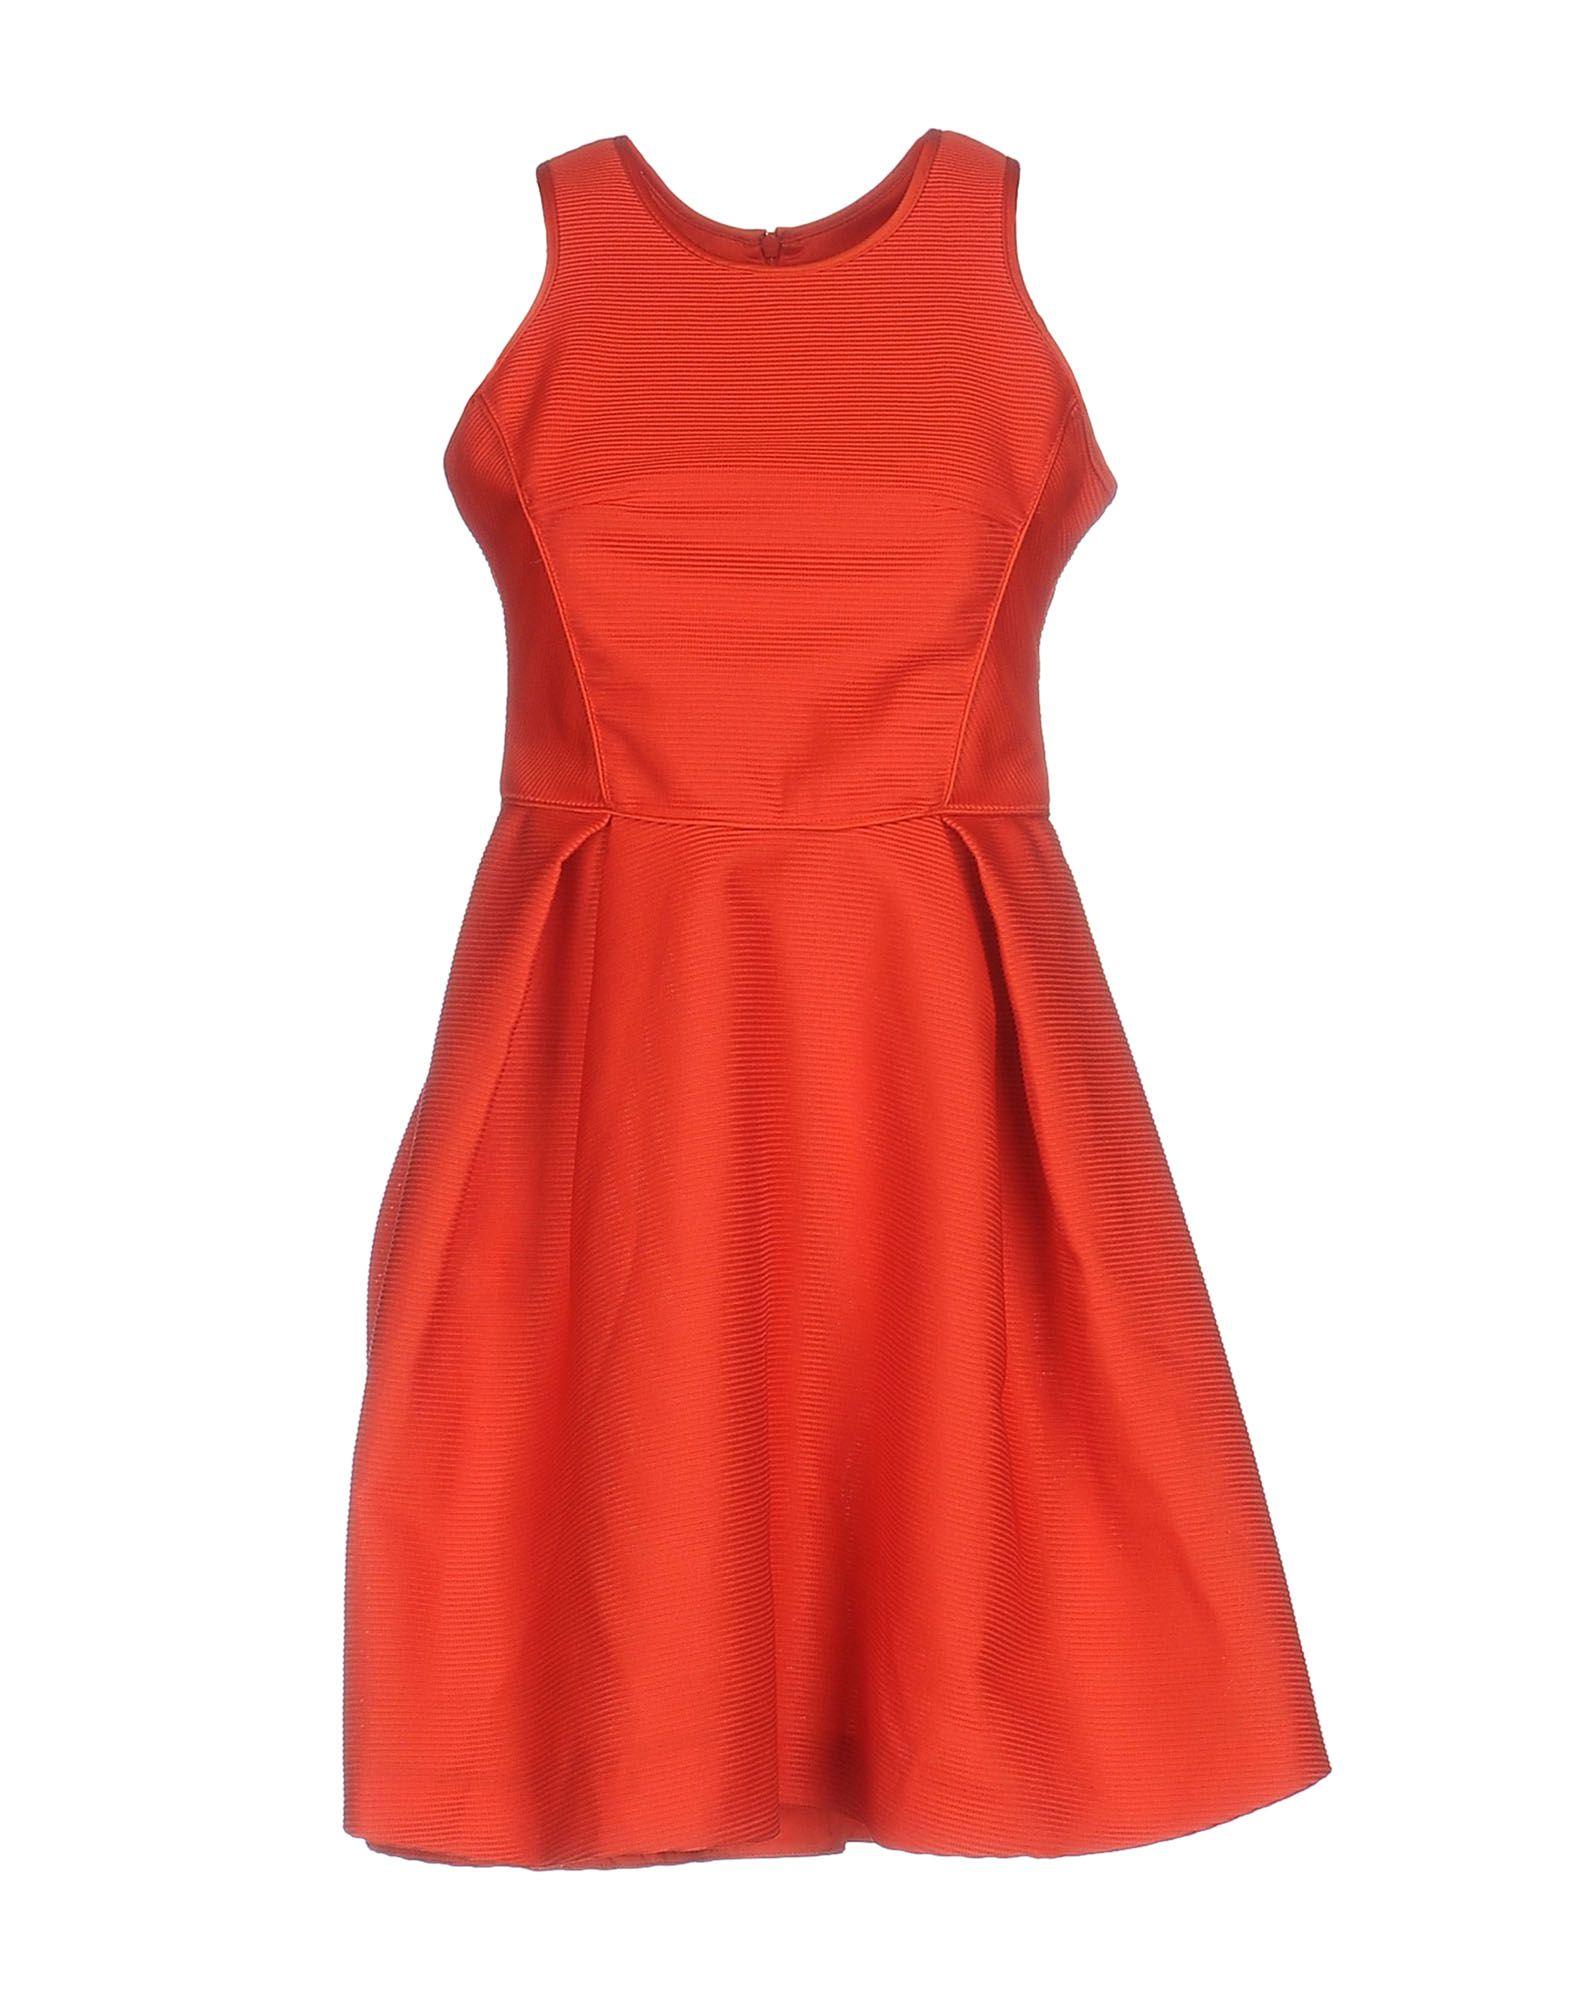 Robe courte maje femme. rouge. 36 - 38 - 40...